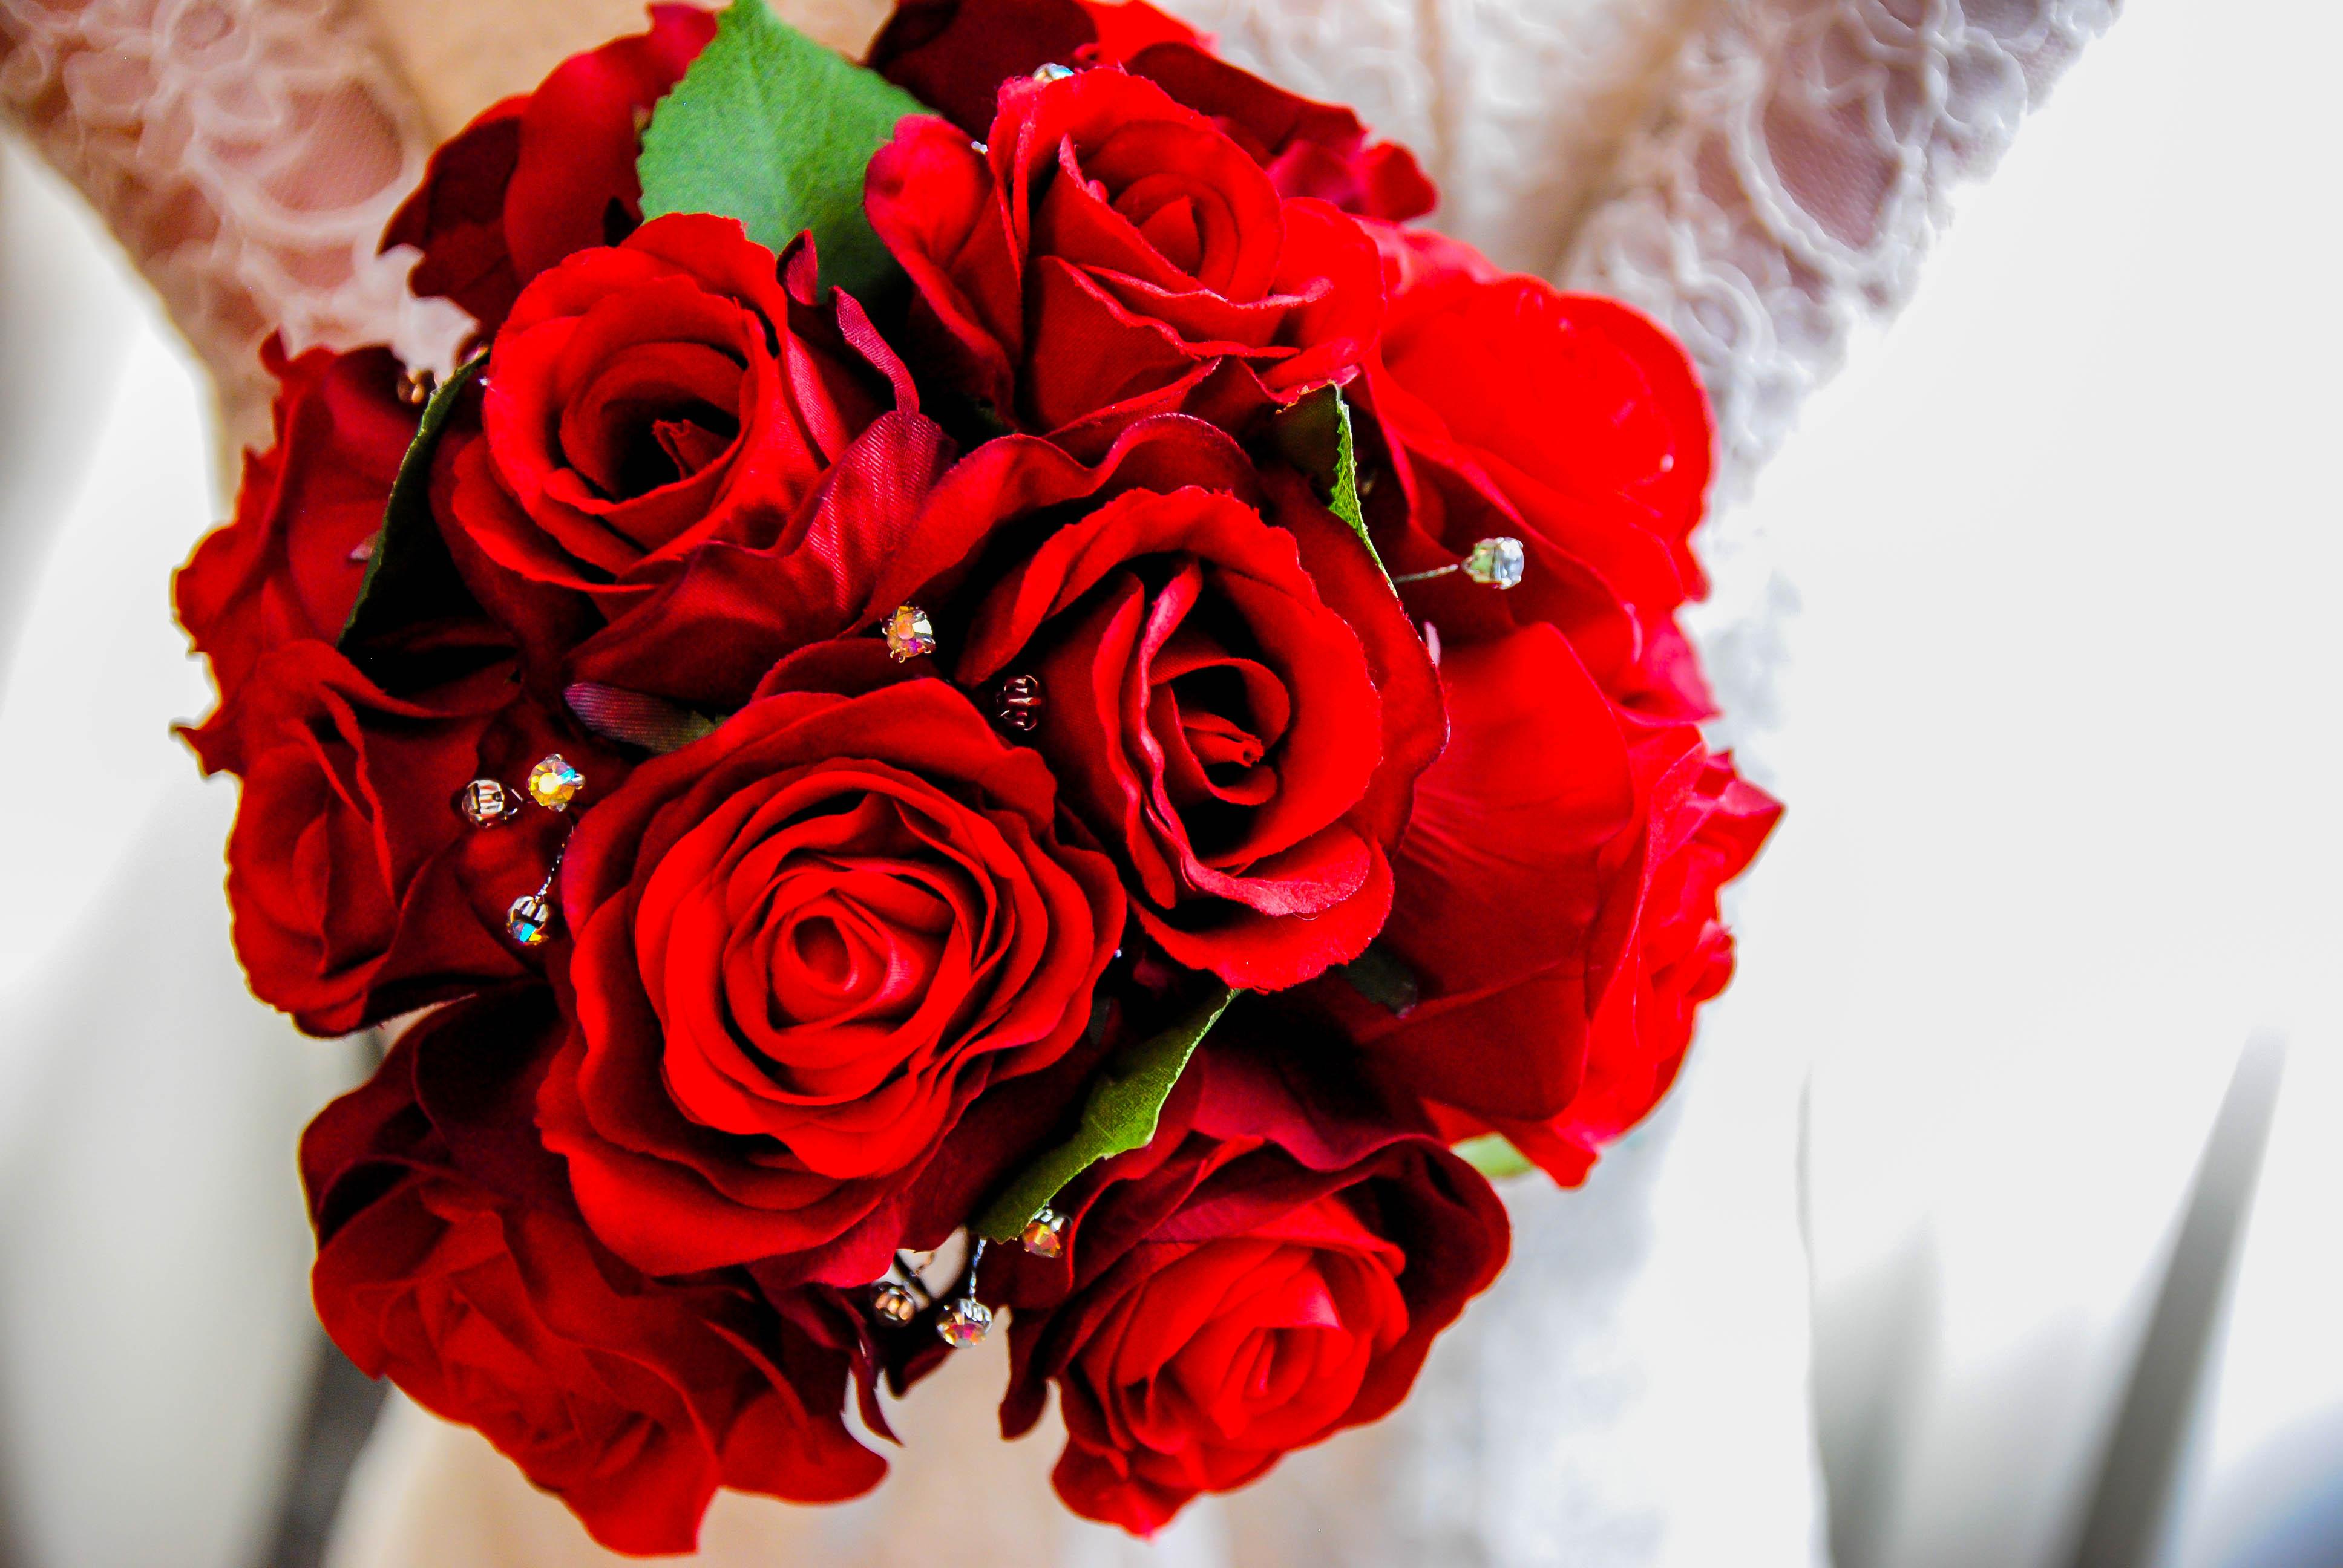 Red Rose Silk Floral Design